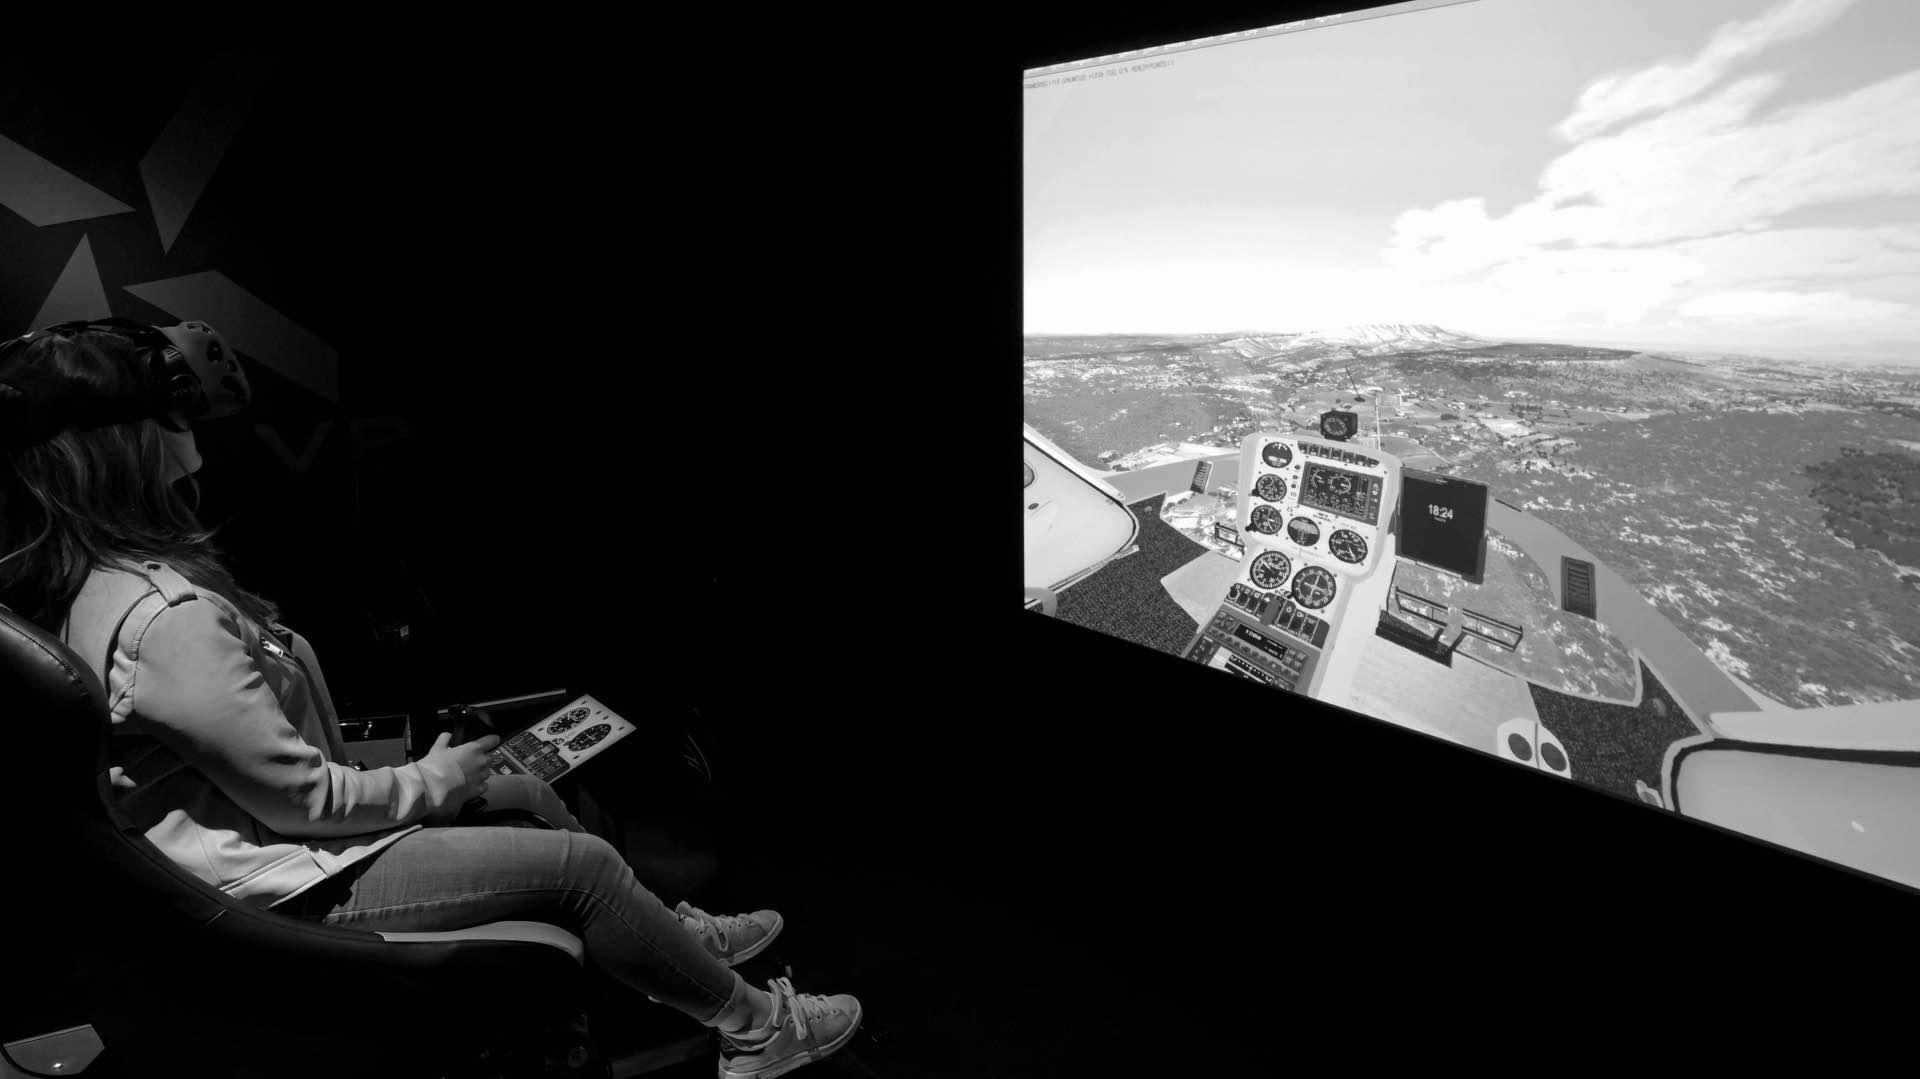 Salle de simulation au pilotage-réalité virtuelle